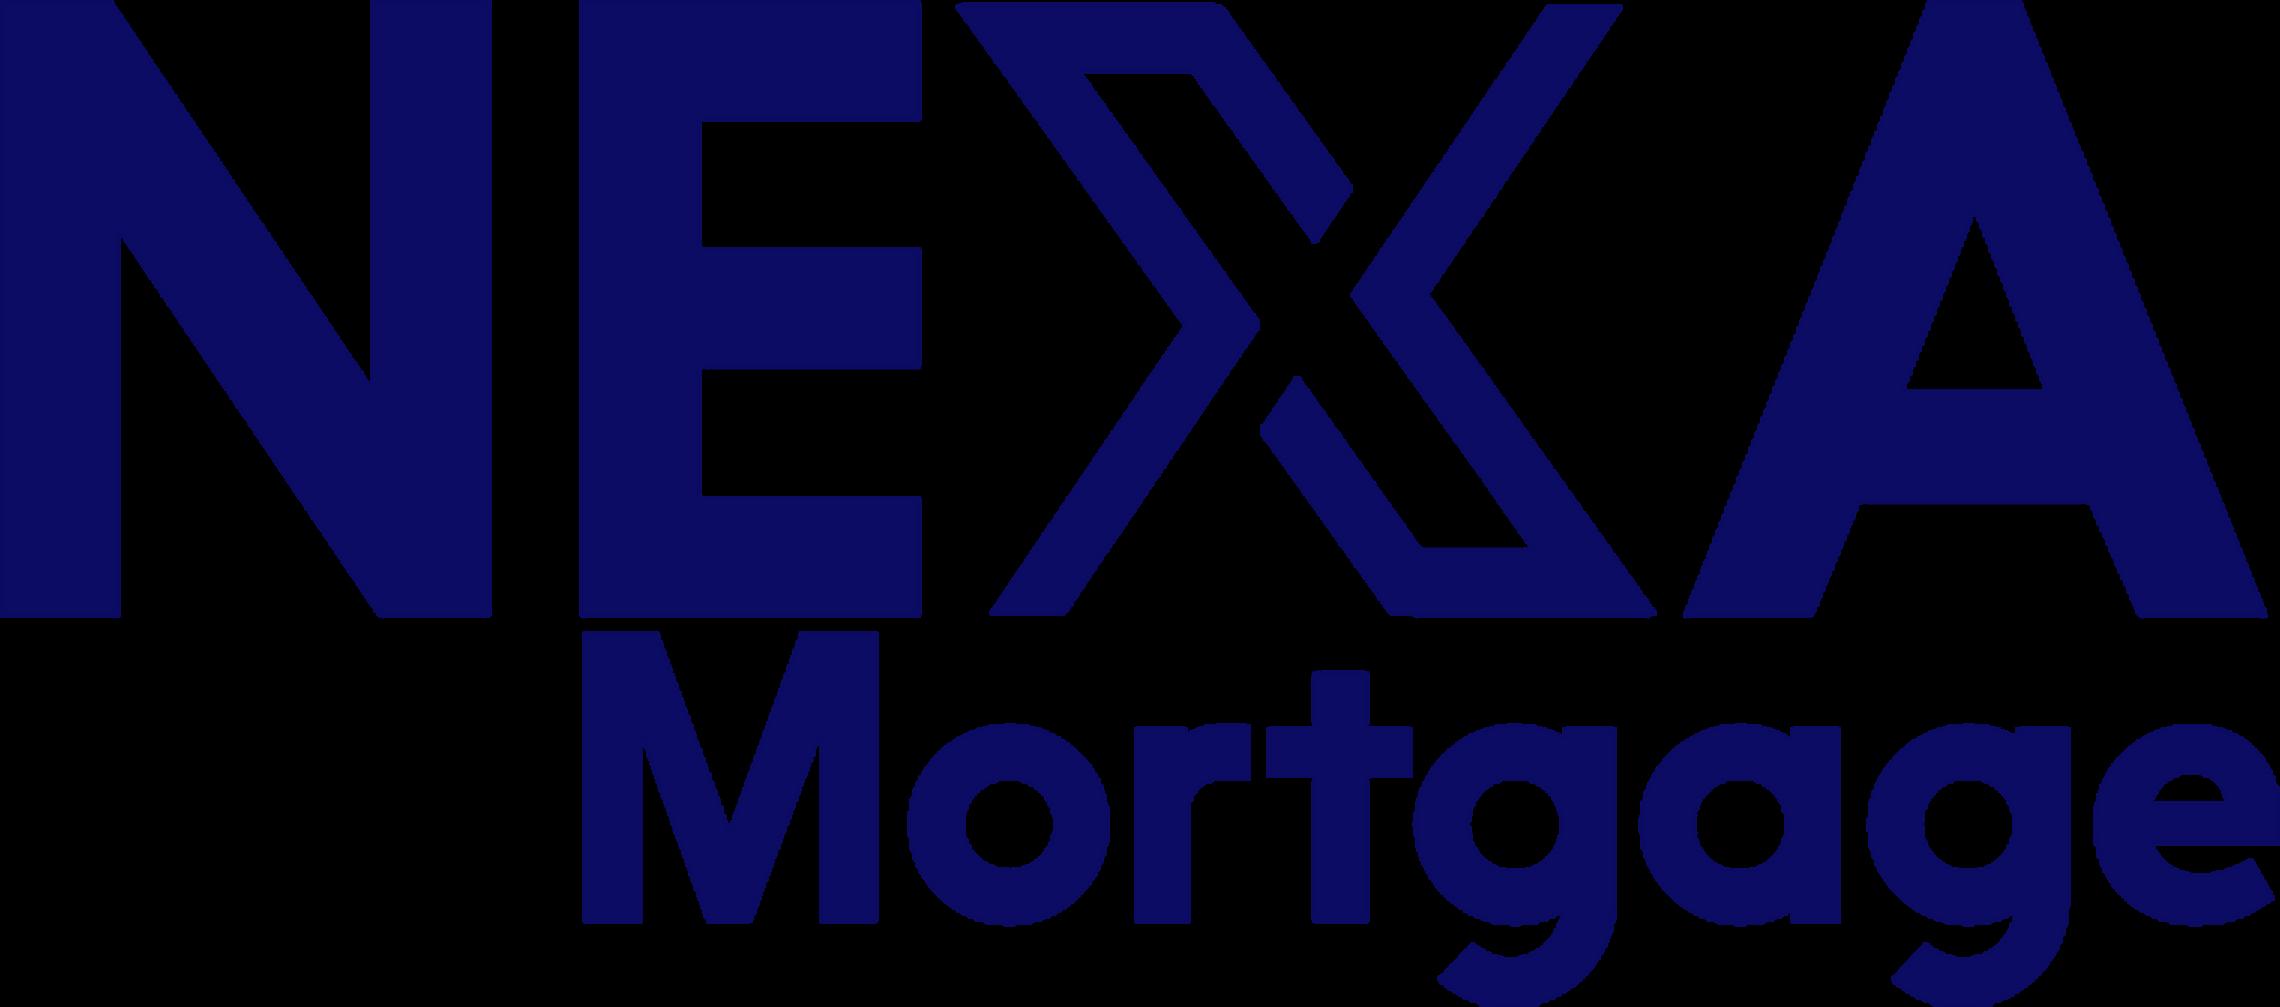 NEXA Mortgage, LLC